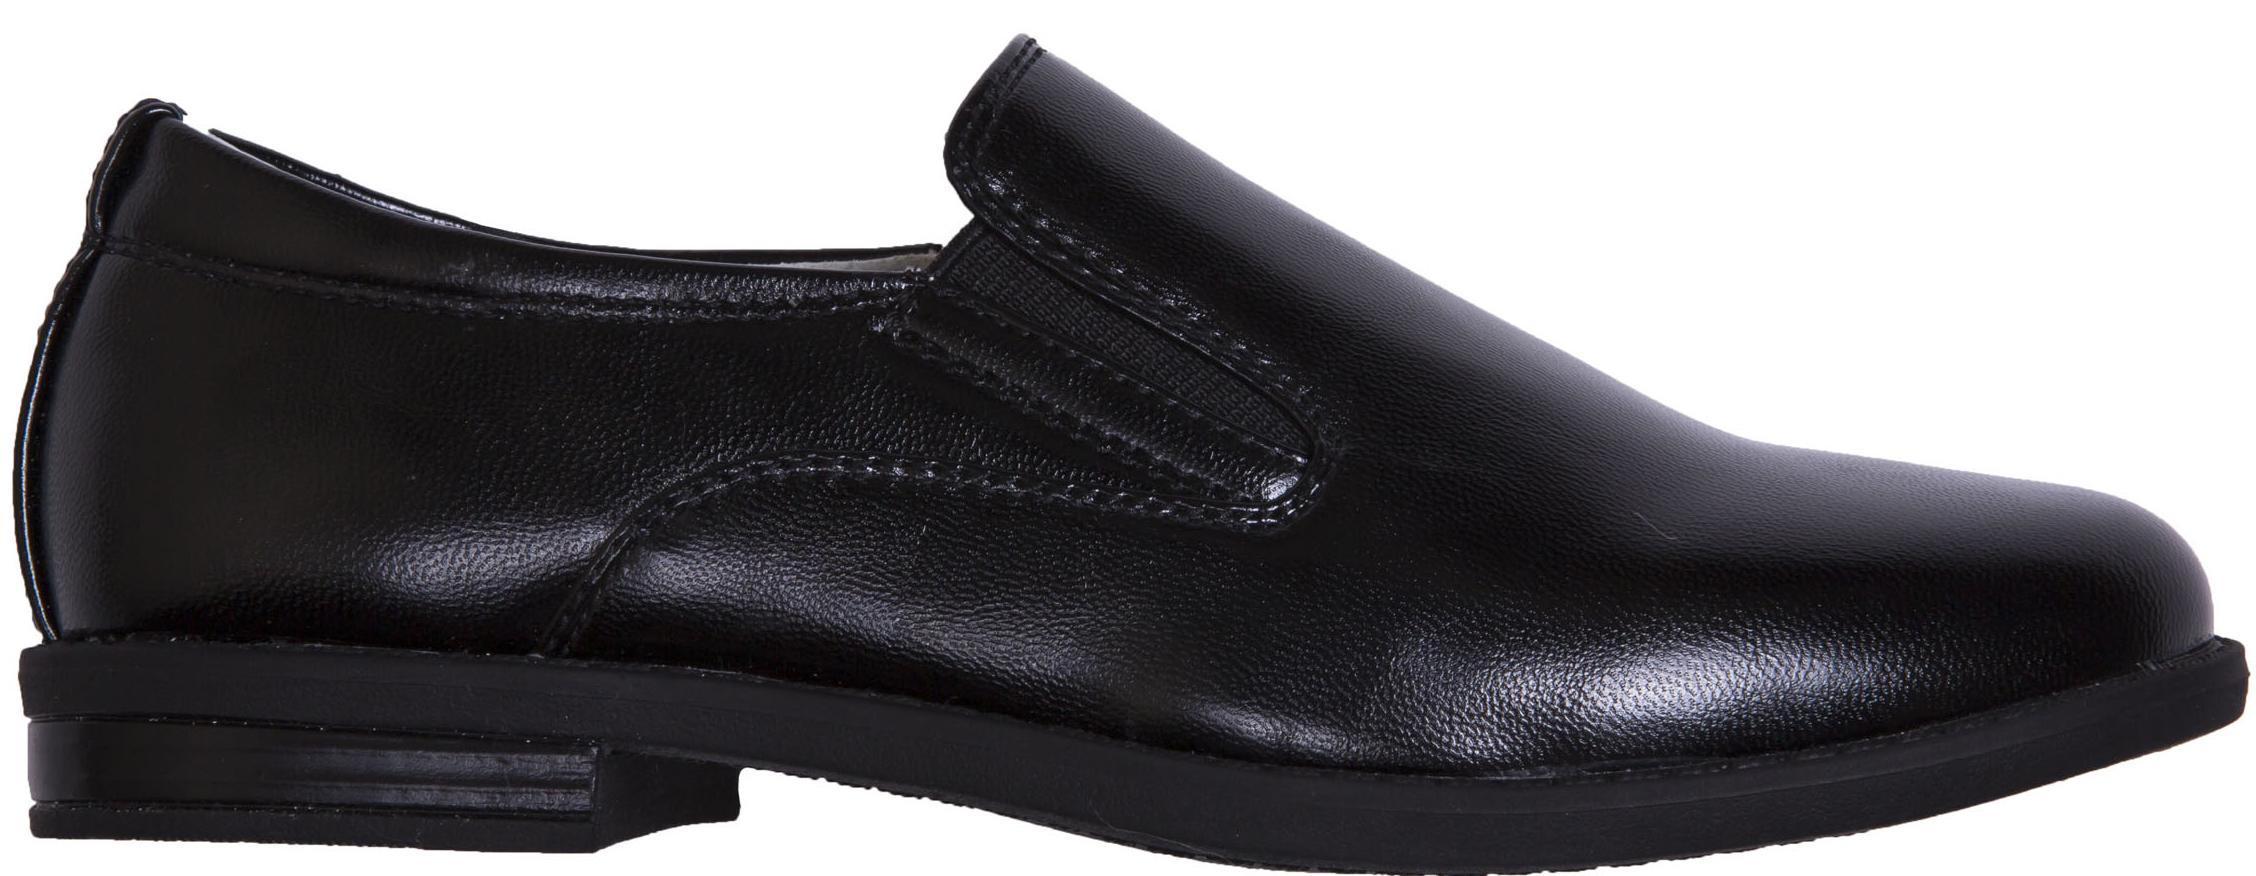 Ботинки и полуботинки Barkito Черные ботинки для мальчика reima черные